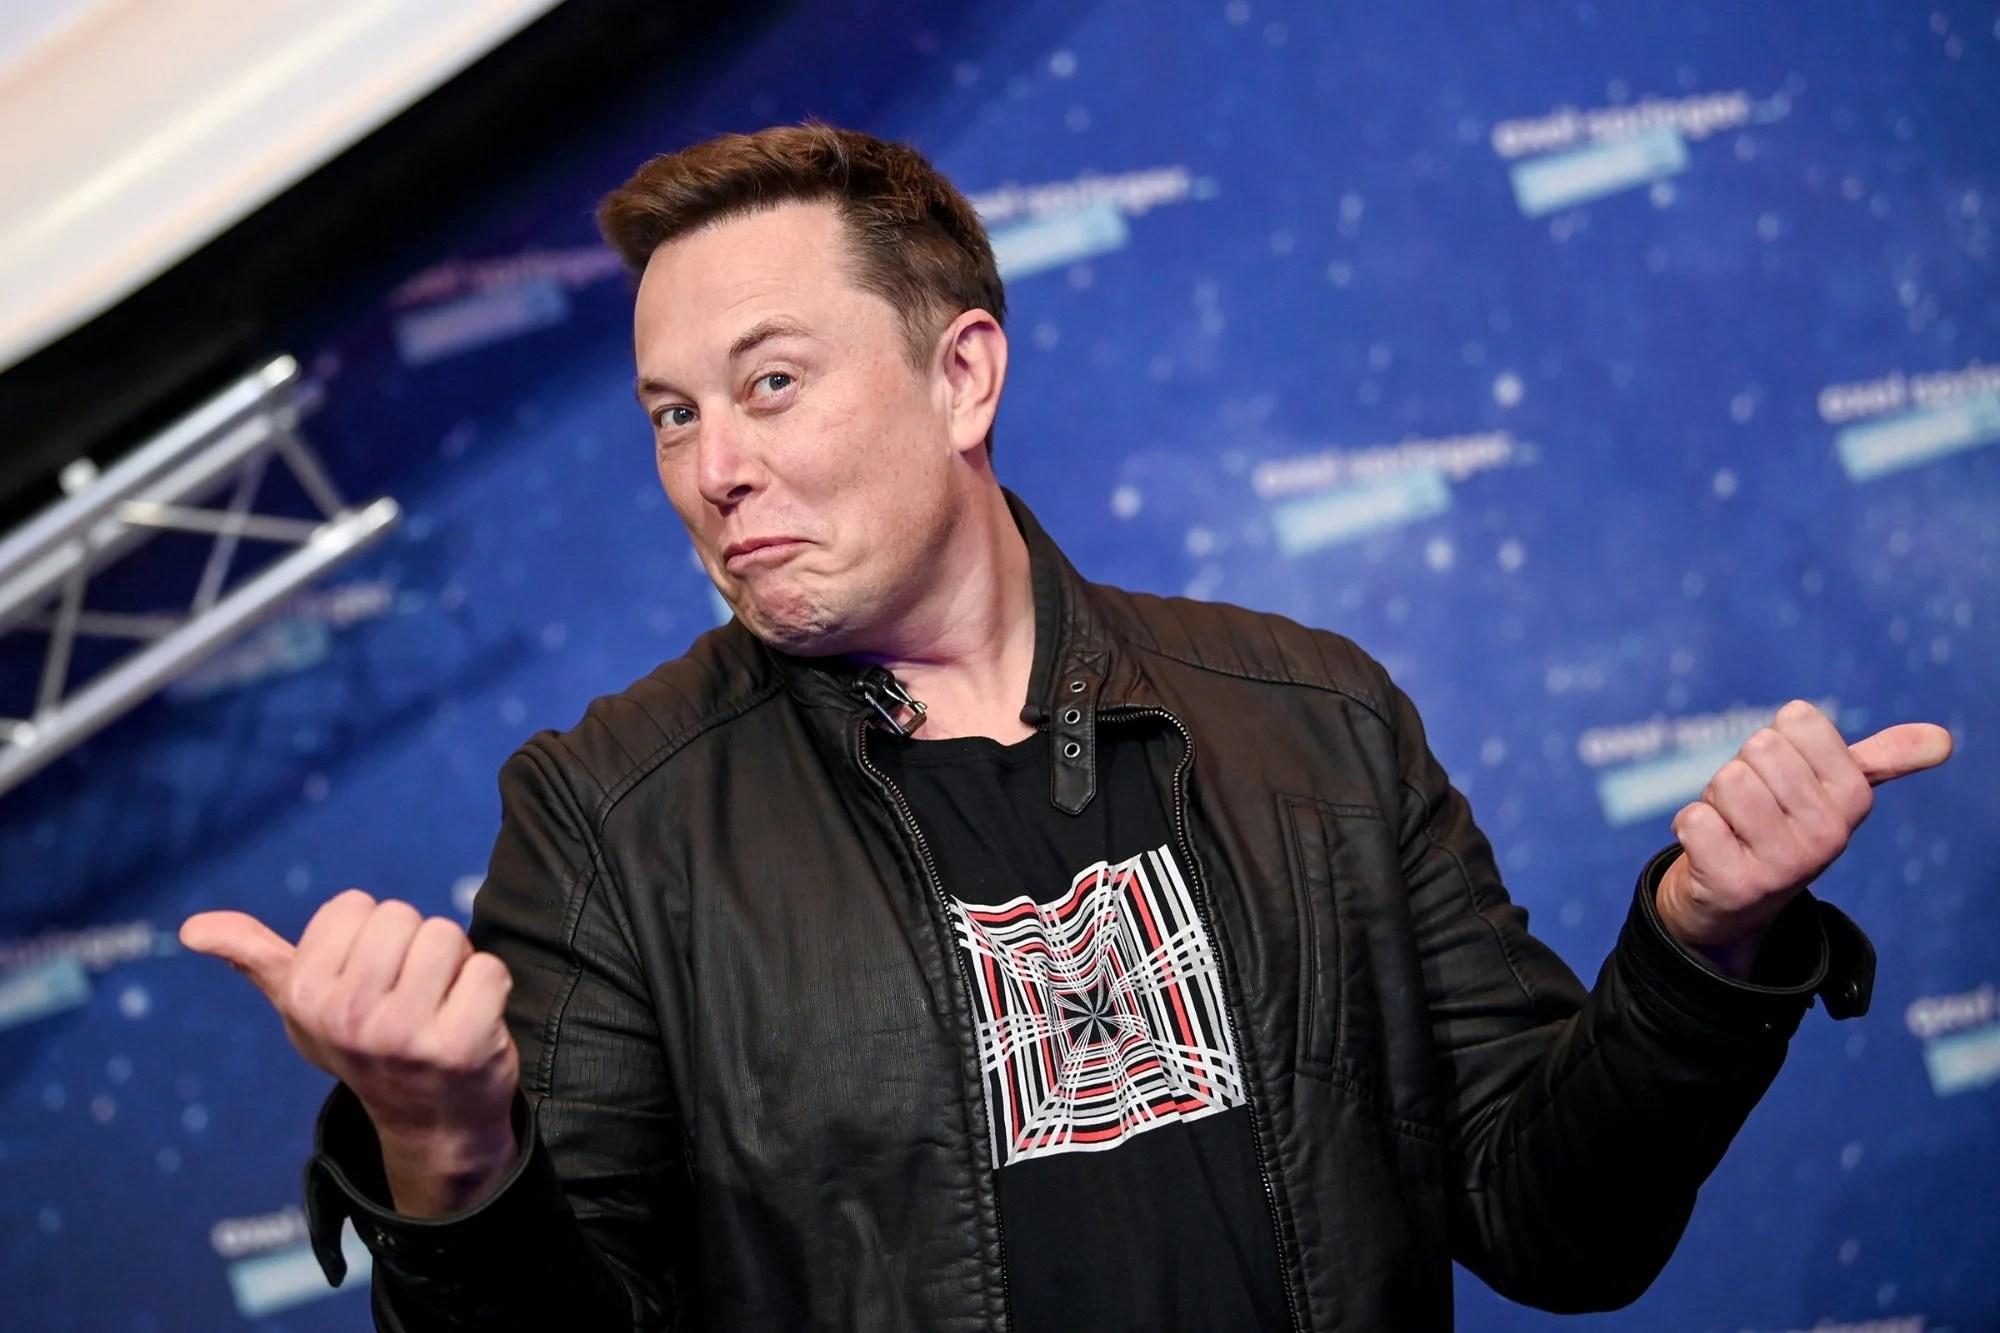 Elon Musk voulait la place de Tim Cook si Apple rachetait Tesla: un démenti unanime clôture le débat